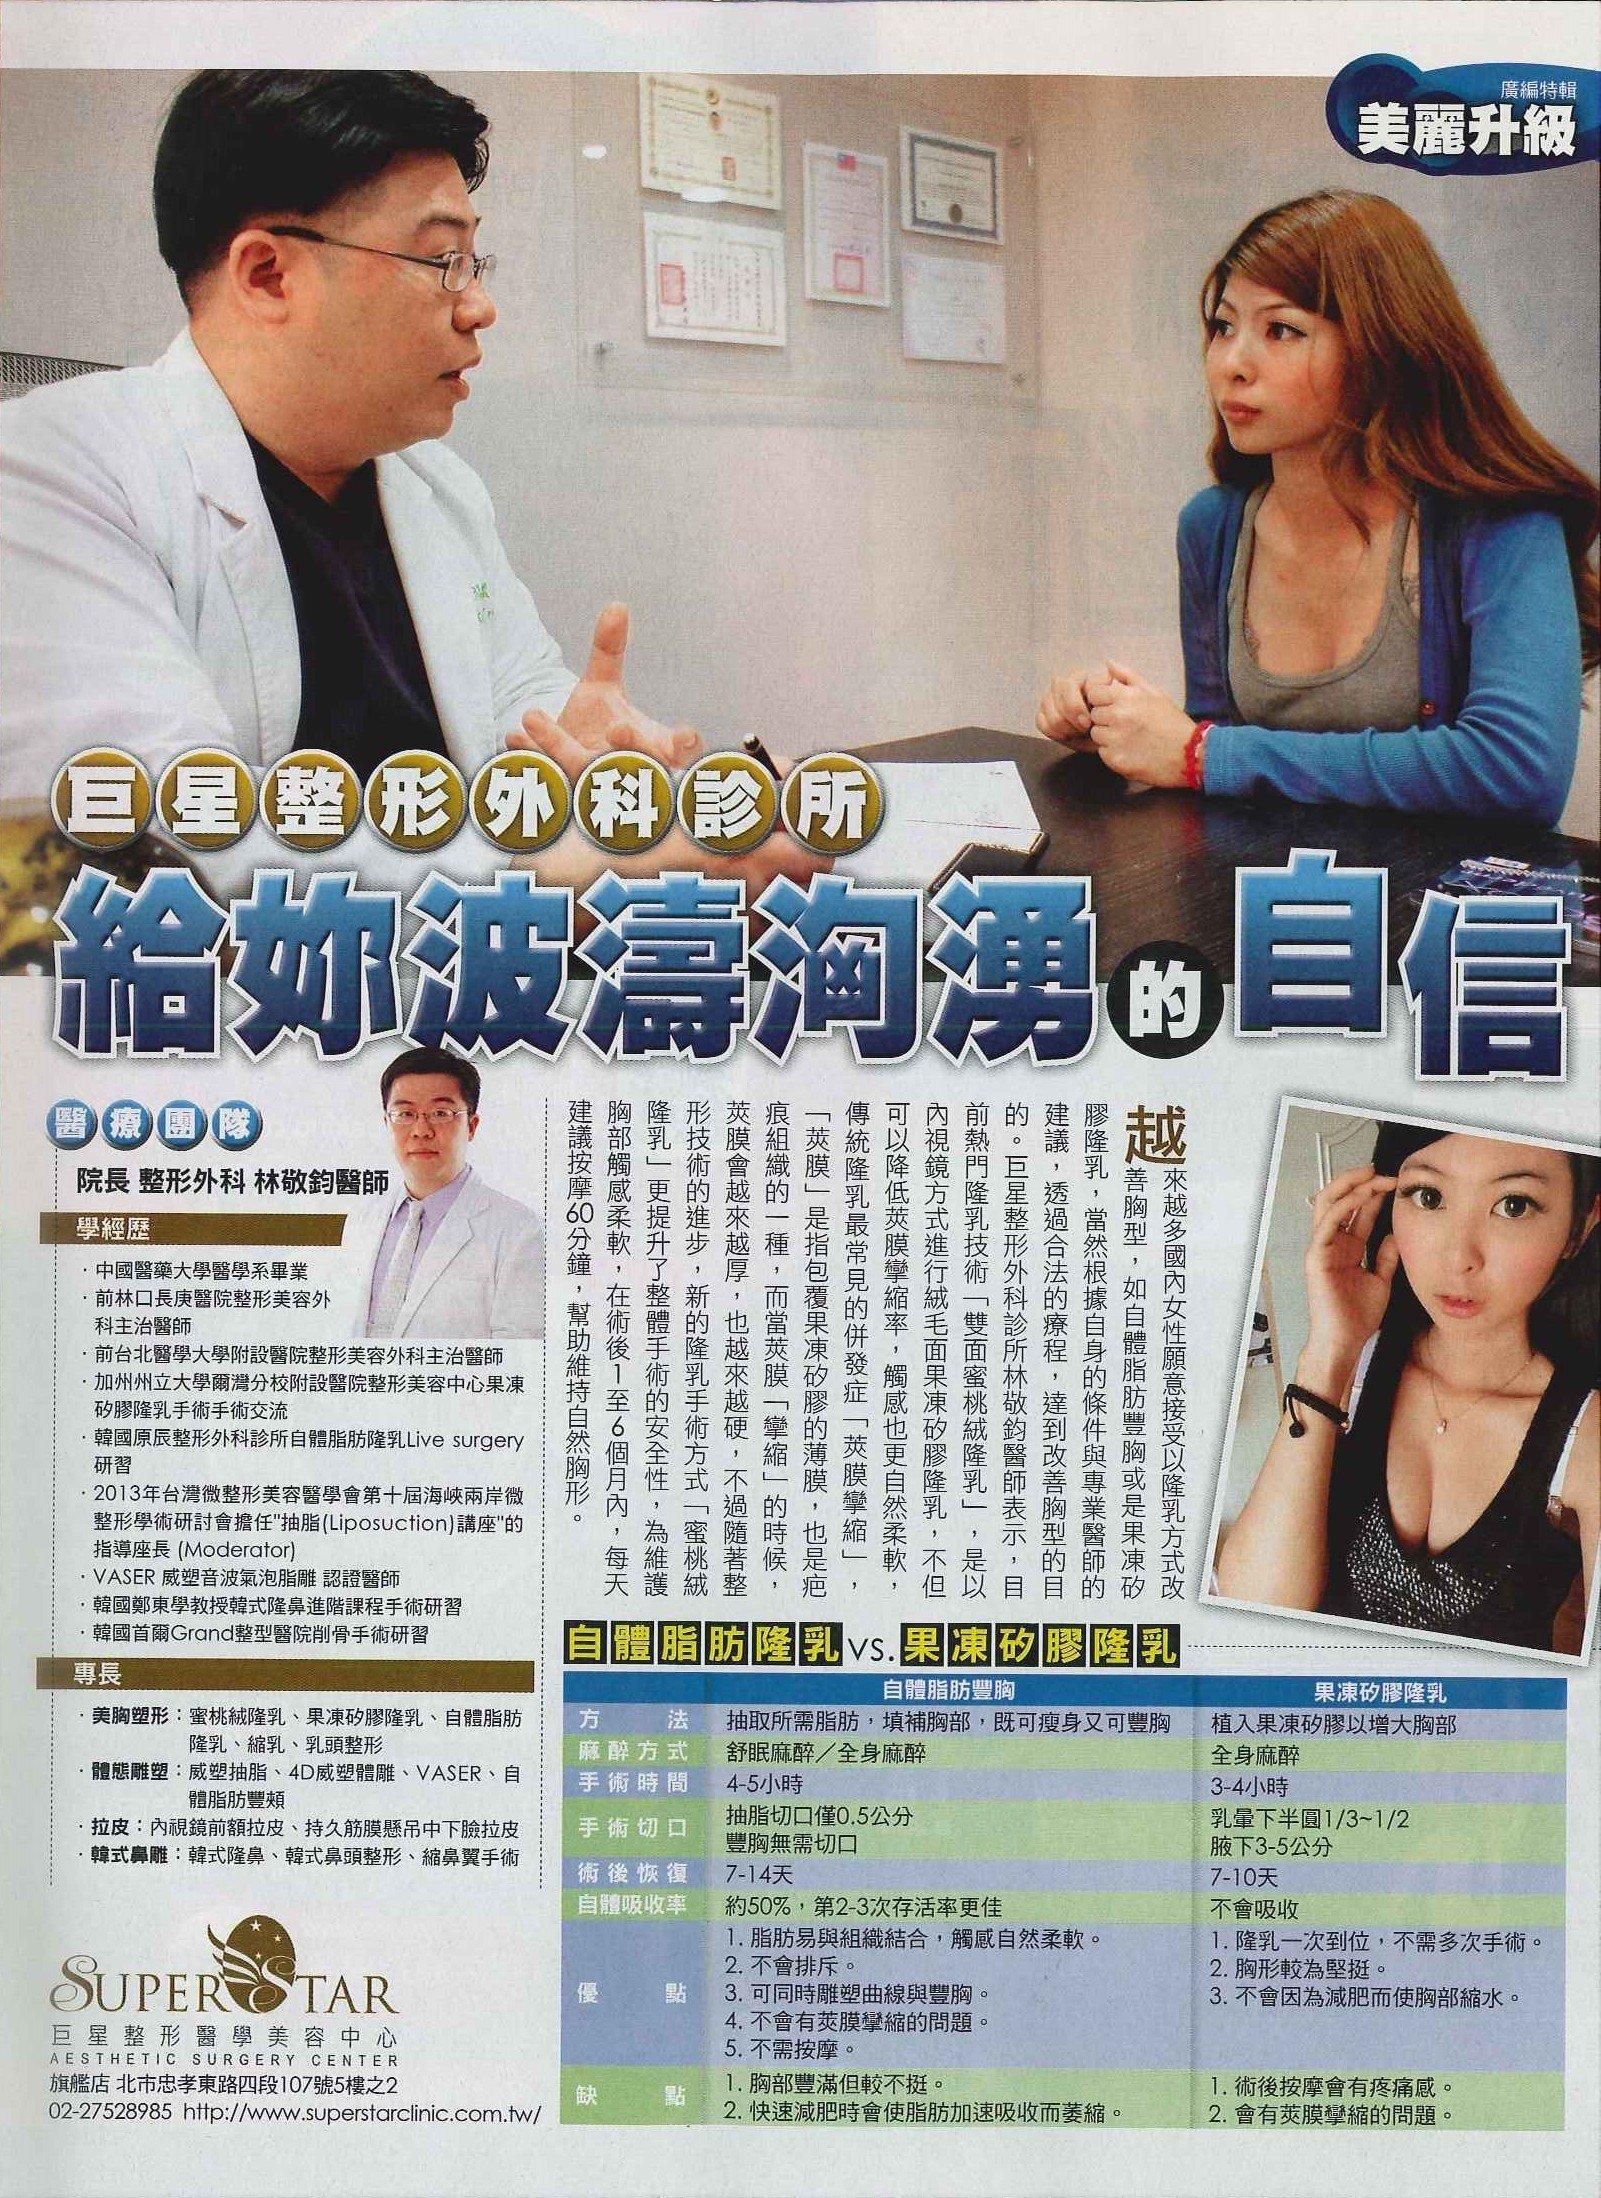 林敬鈞醫師接受壹週刊訪問雙面蜜桃絨隆乳